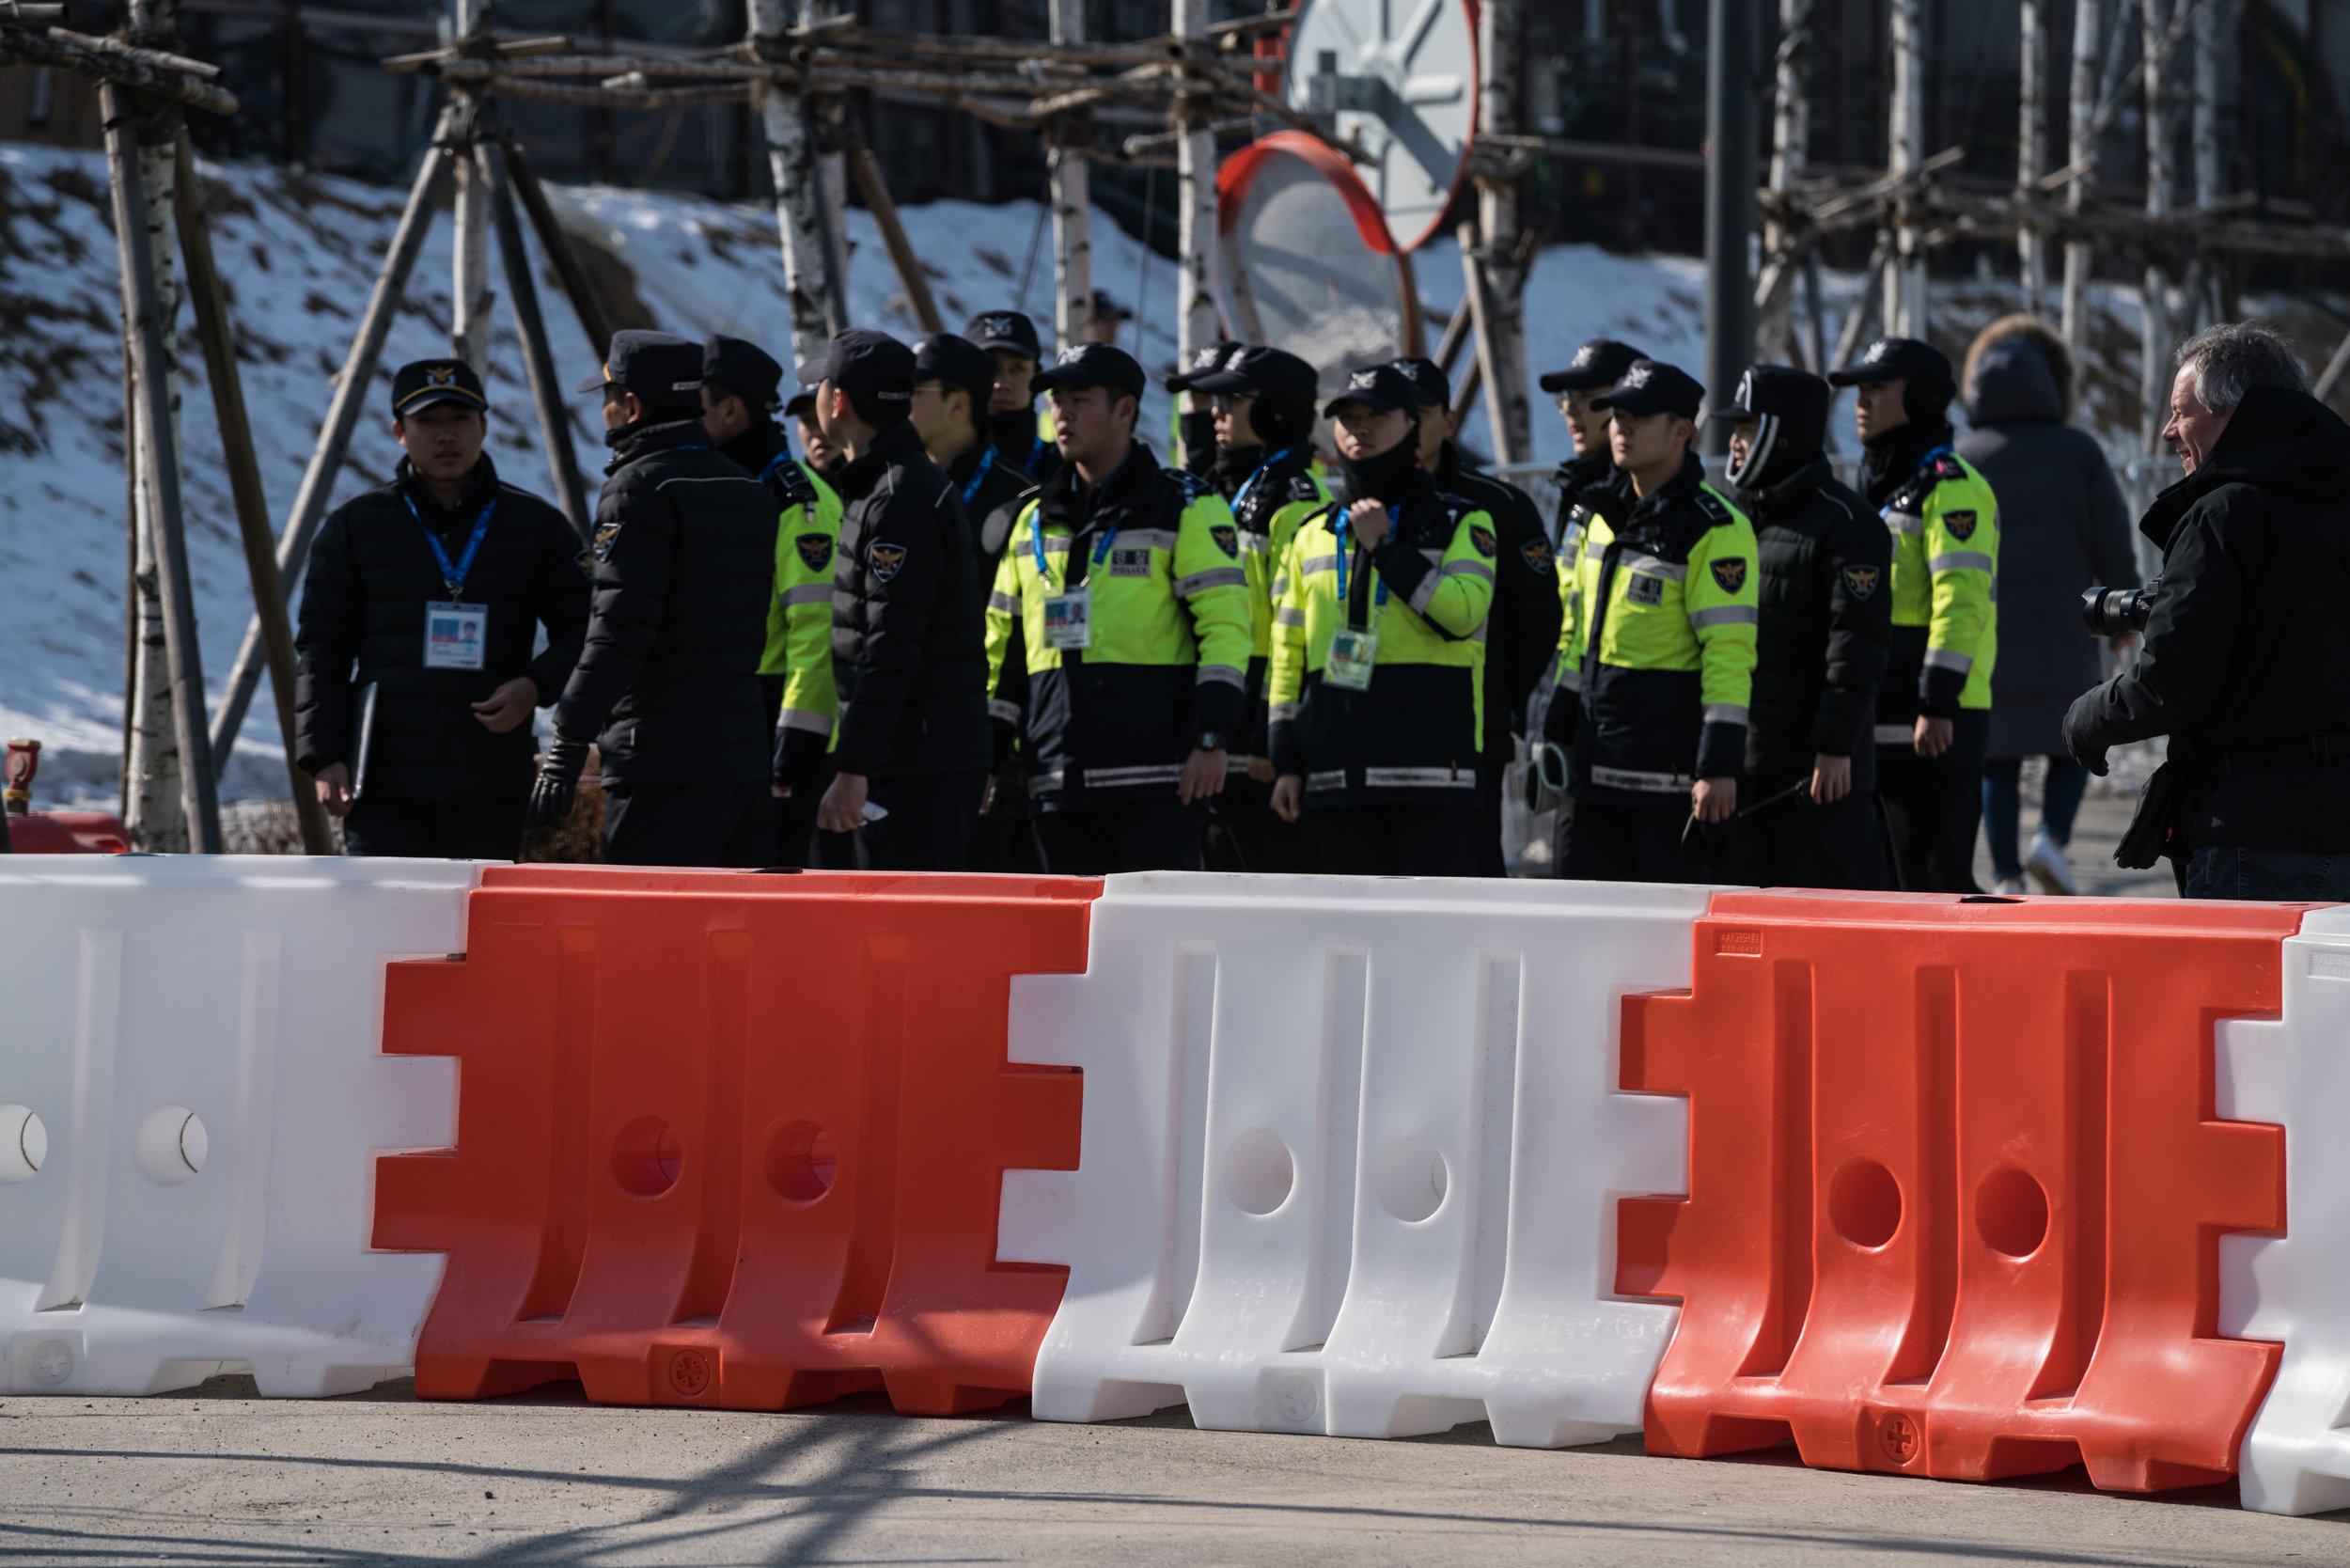 KoreanSecurity-Officers.jpg